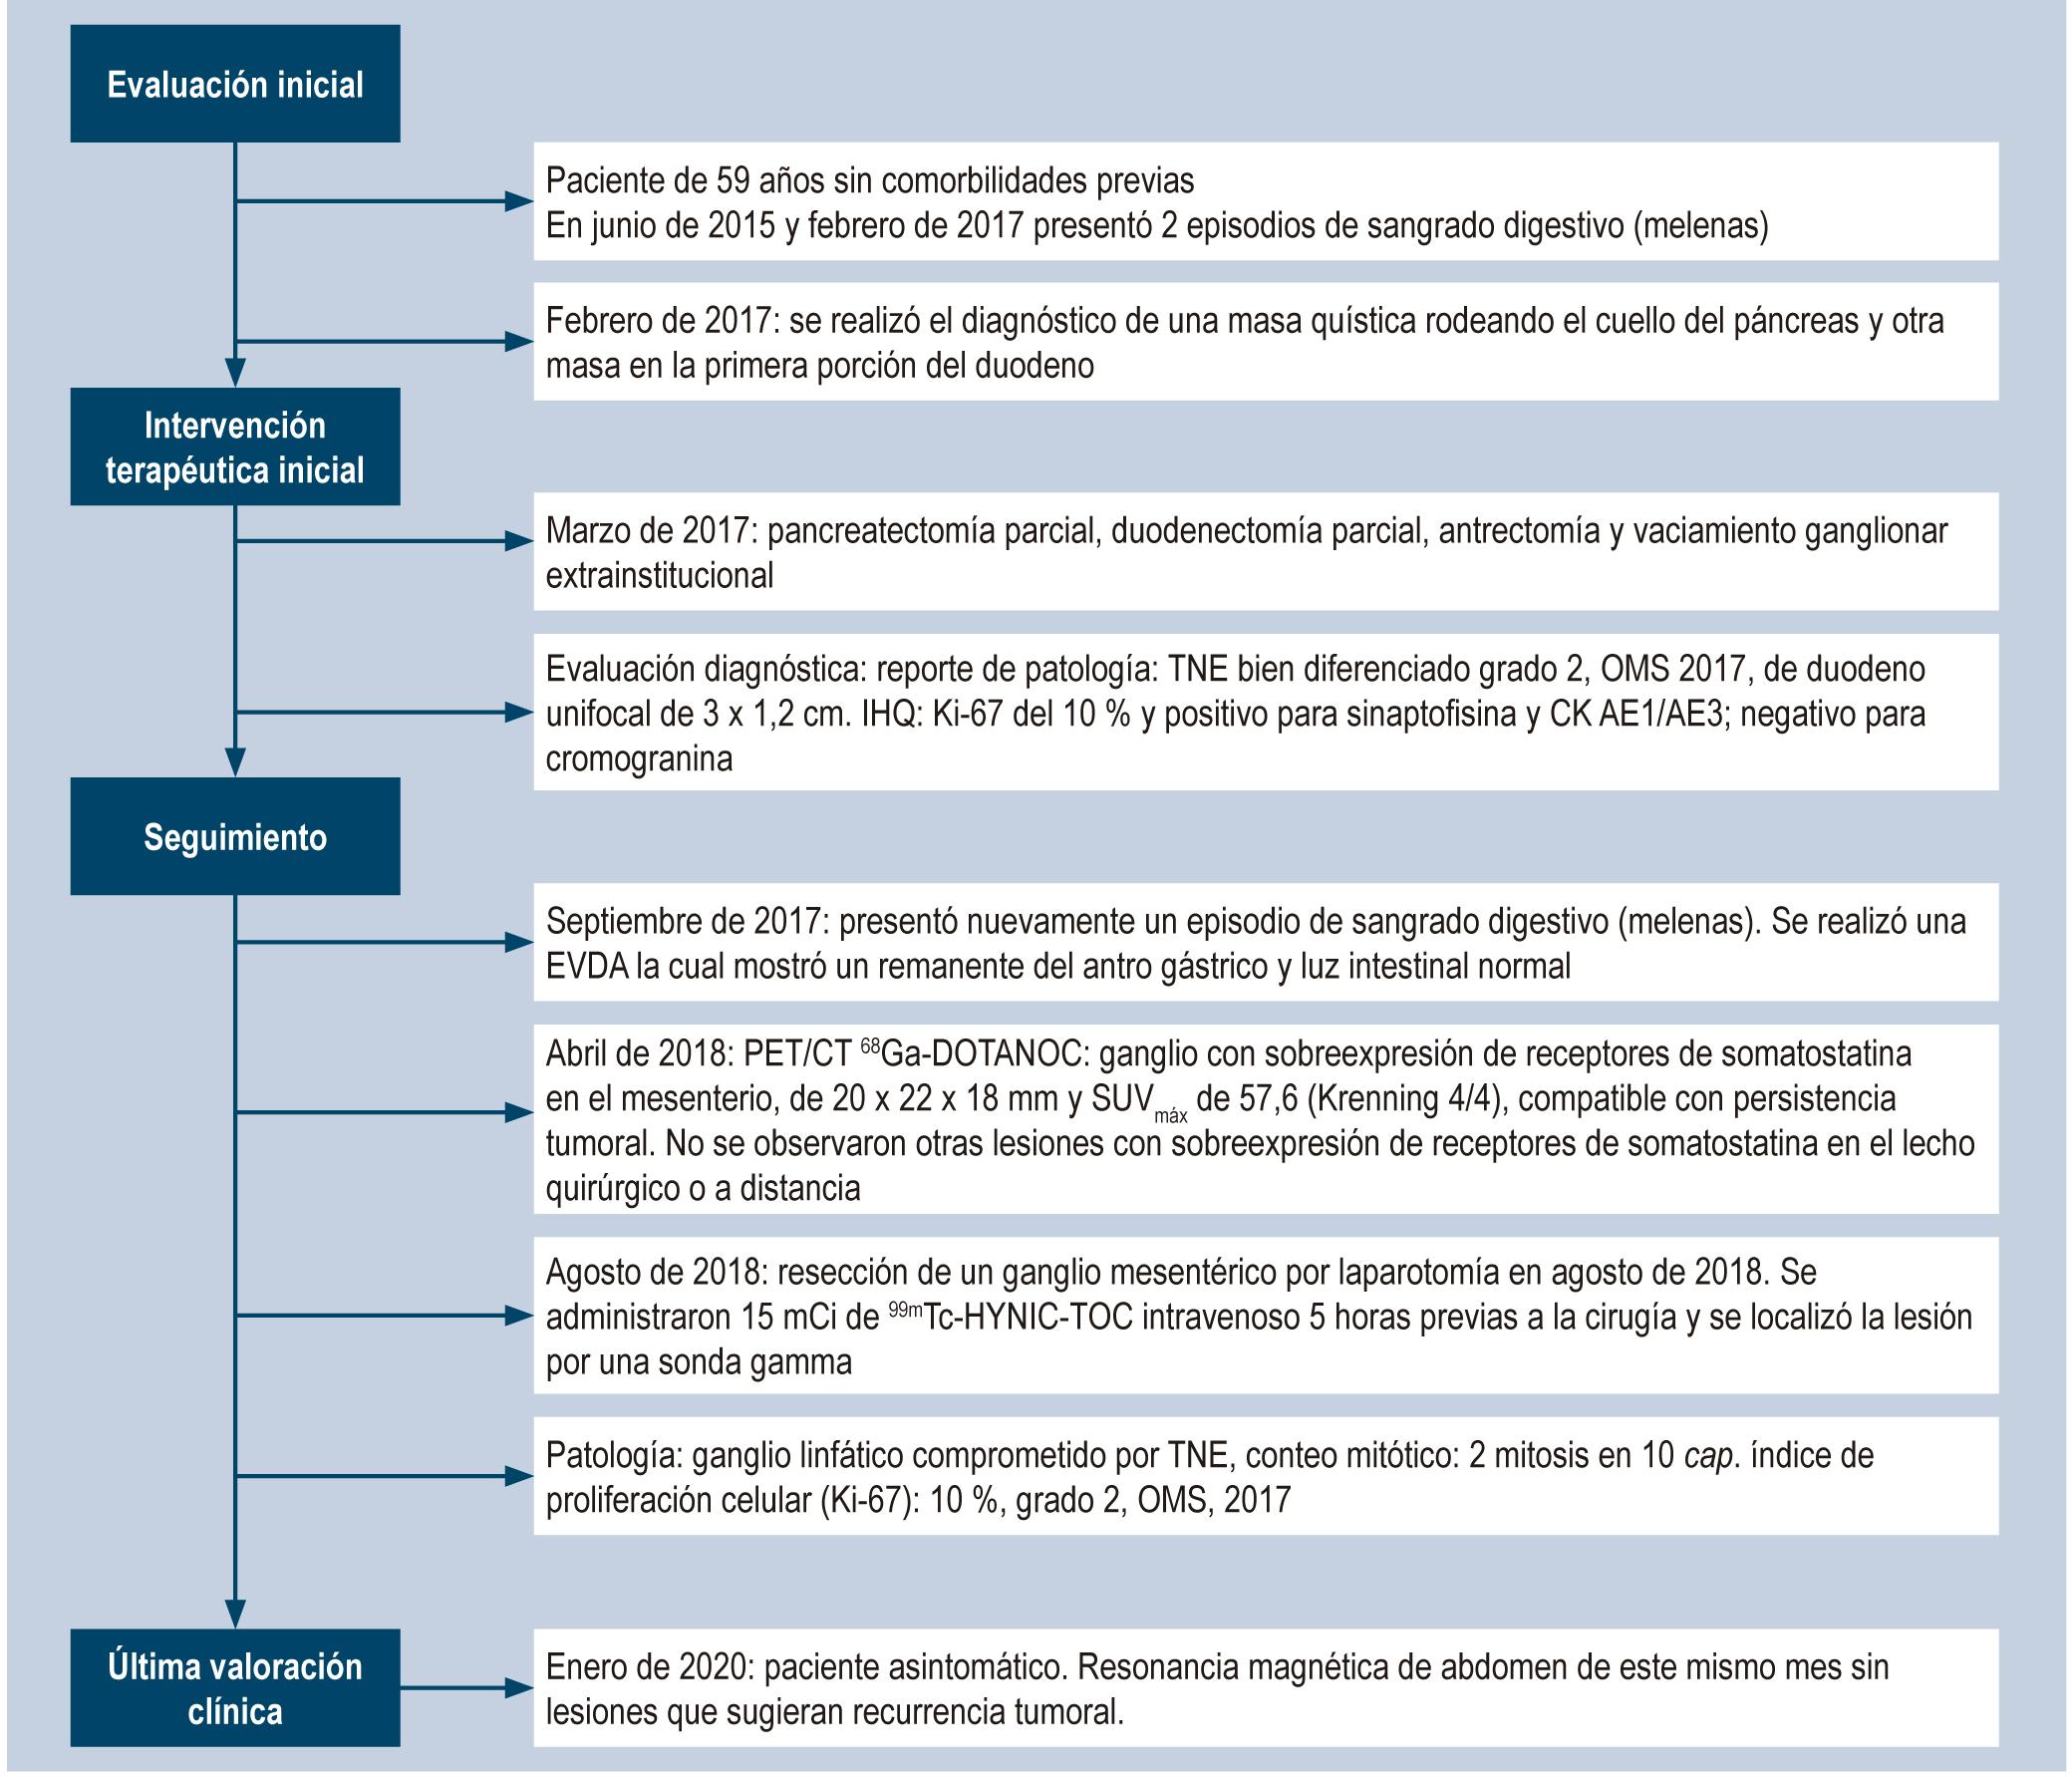 Figura 1. Flujograma de la evolución clínica del paciente